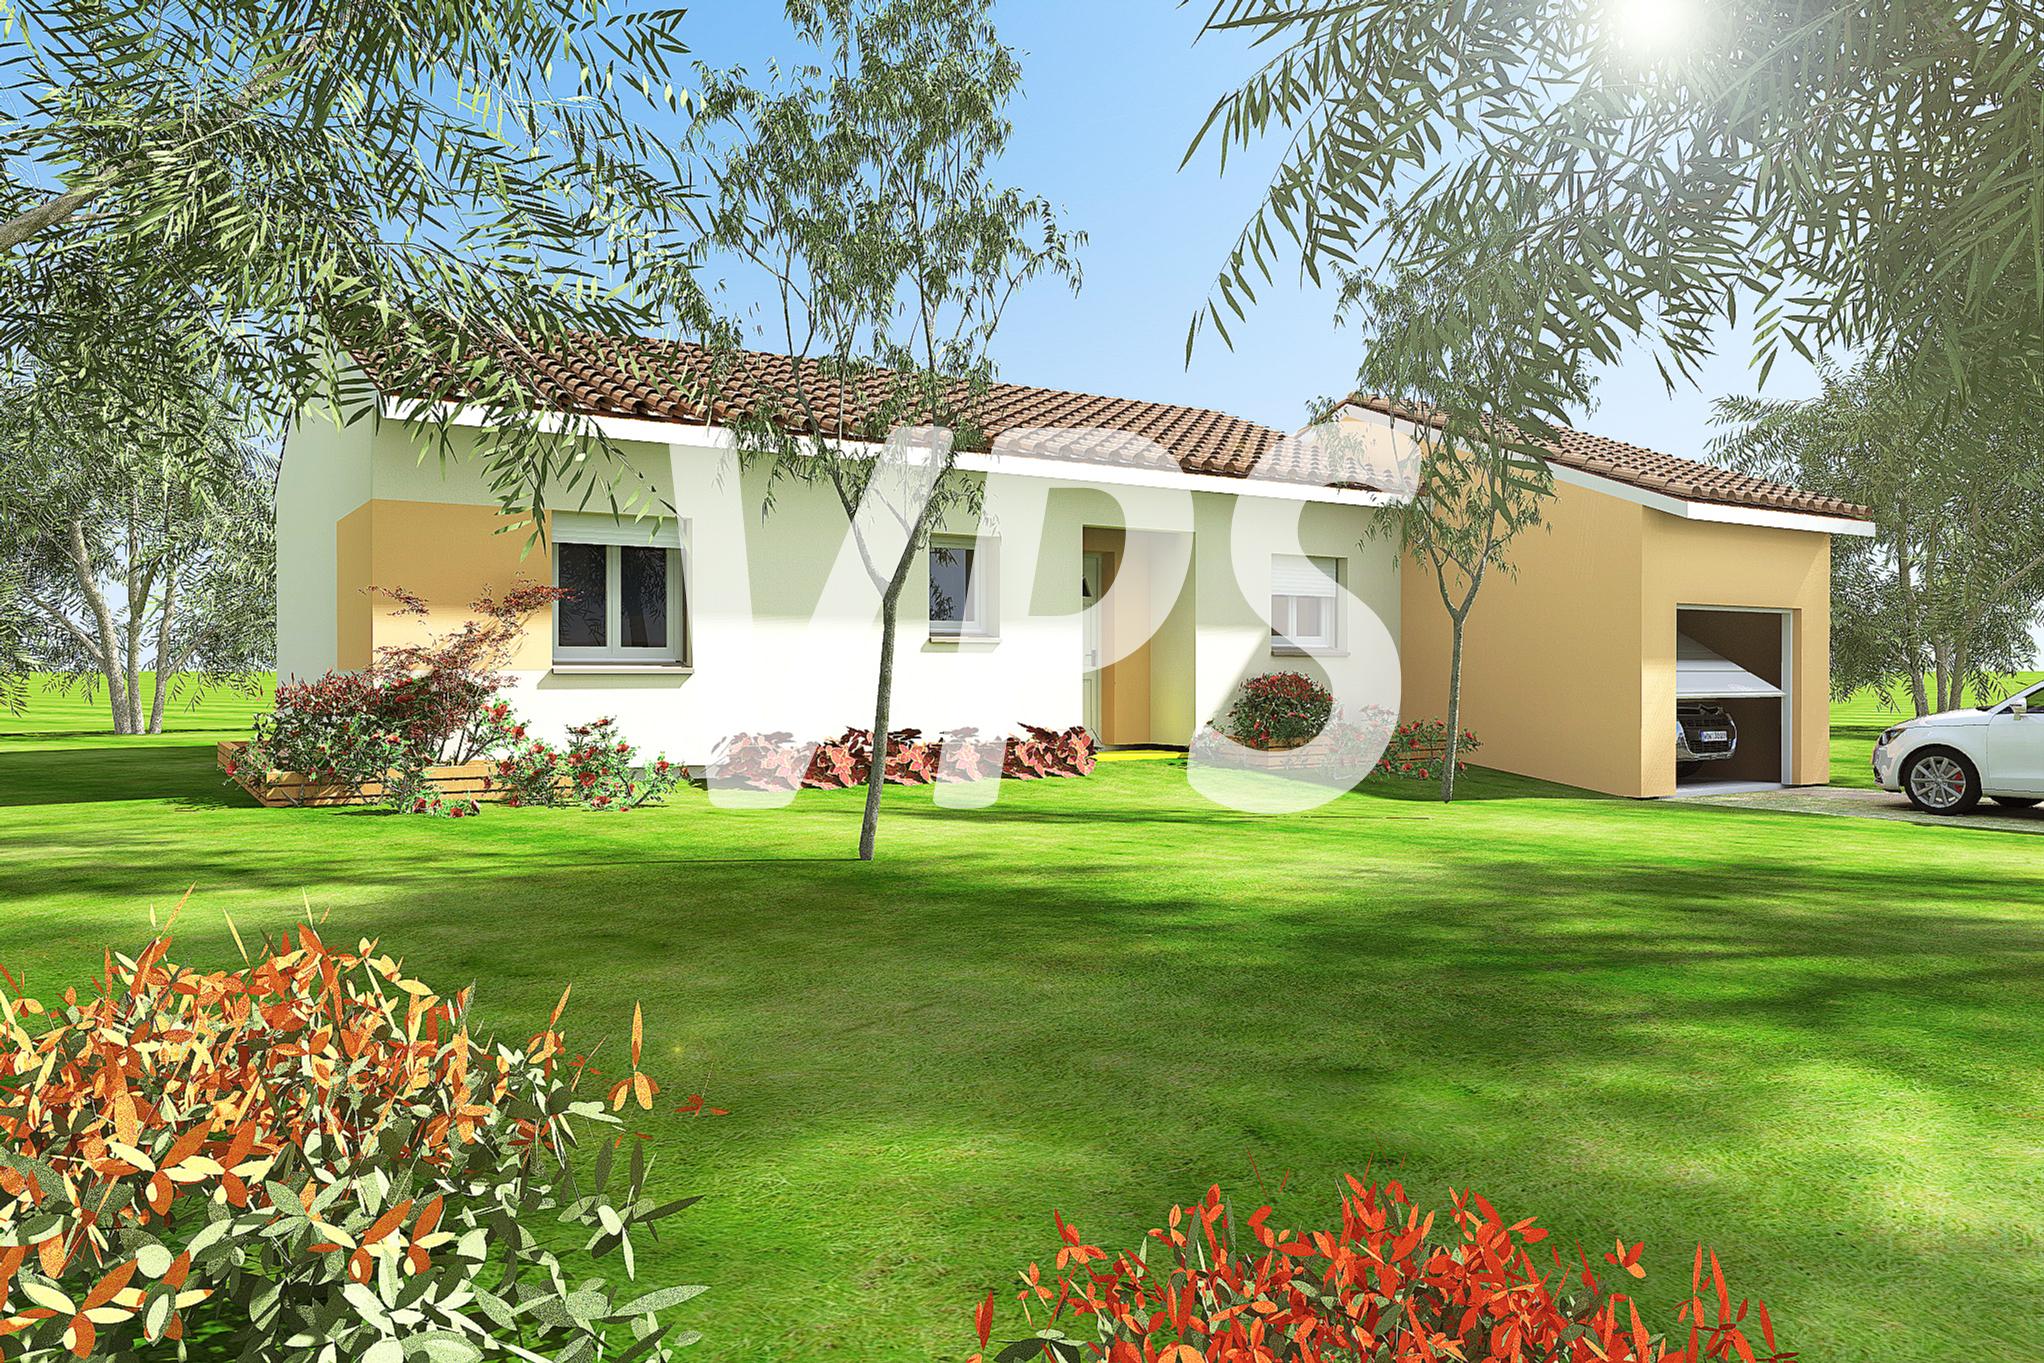 Maisons + Terrains du constructeur VILLAS PLEIN SUD -PRO RENOV26/07-D • 72 m² • SAINT ROMANS